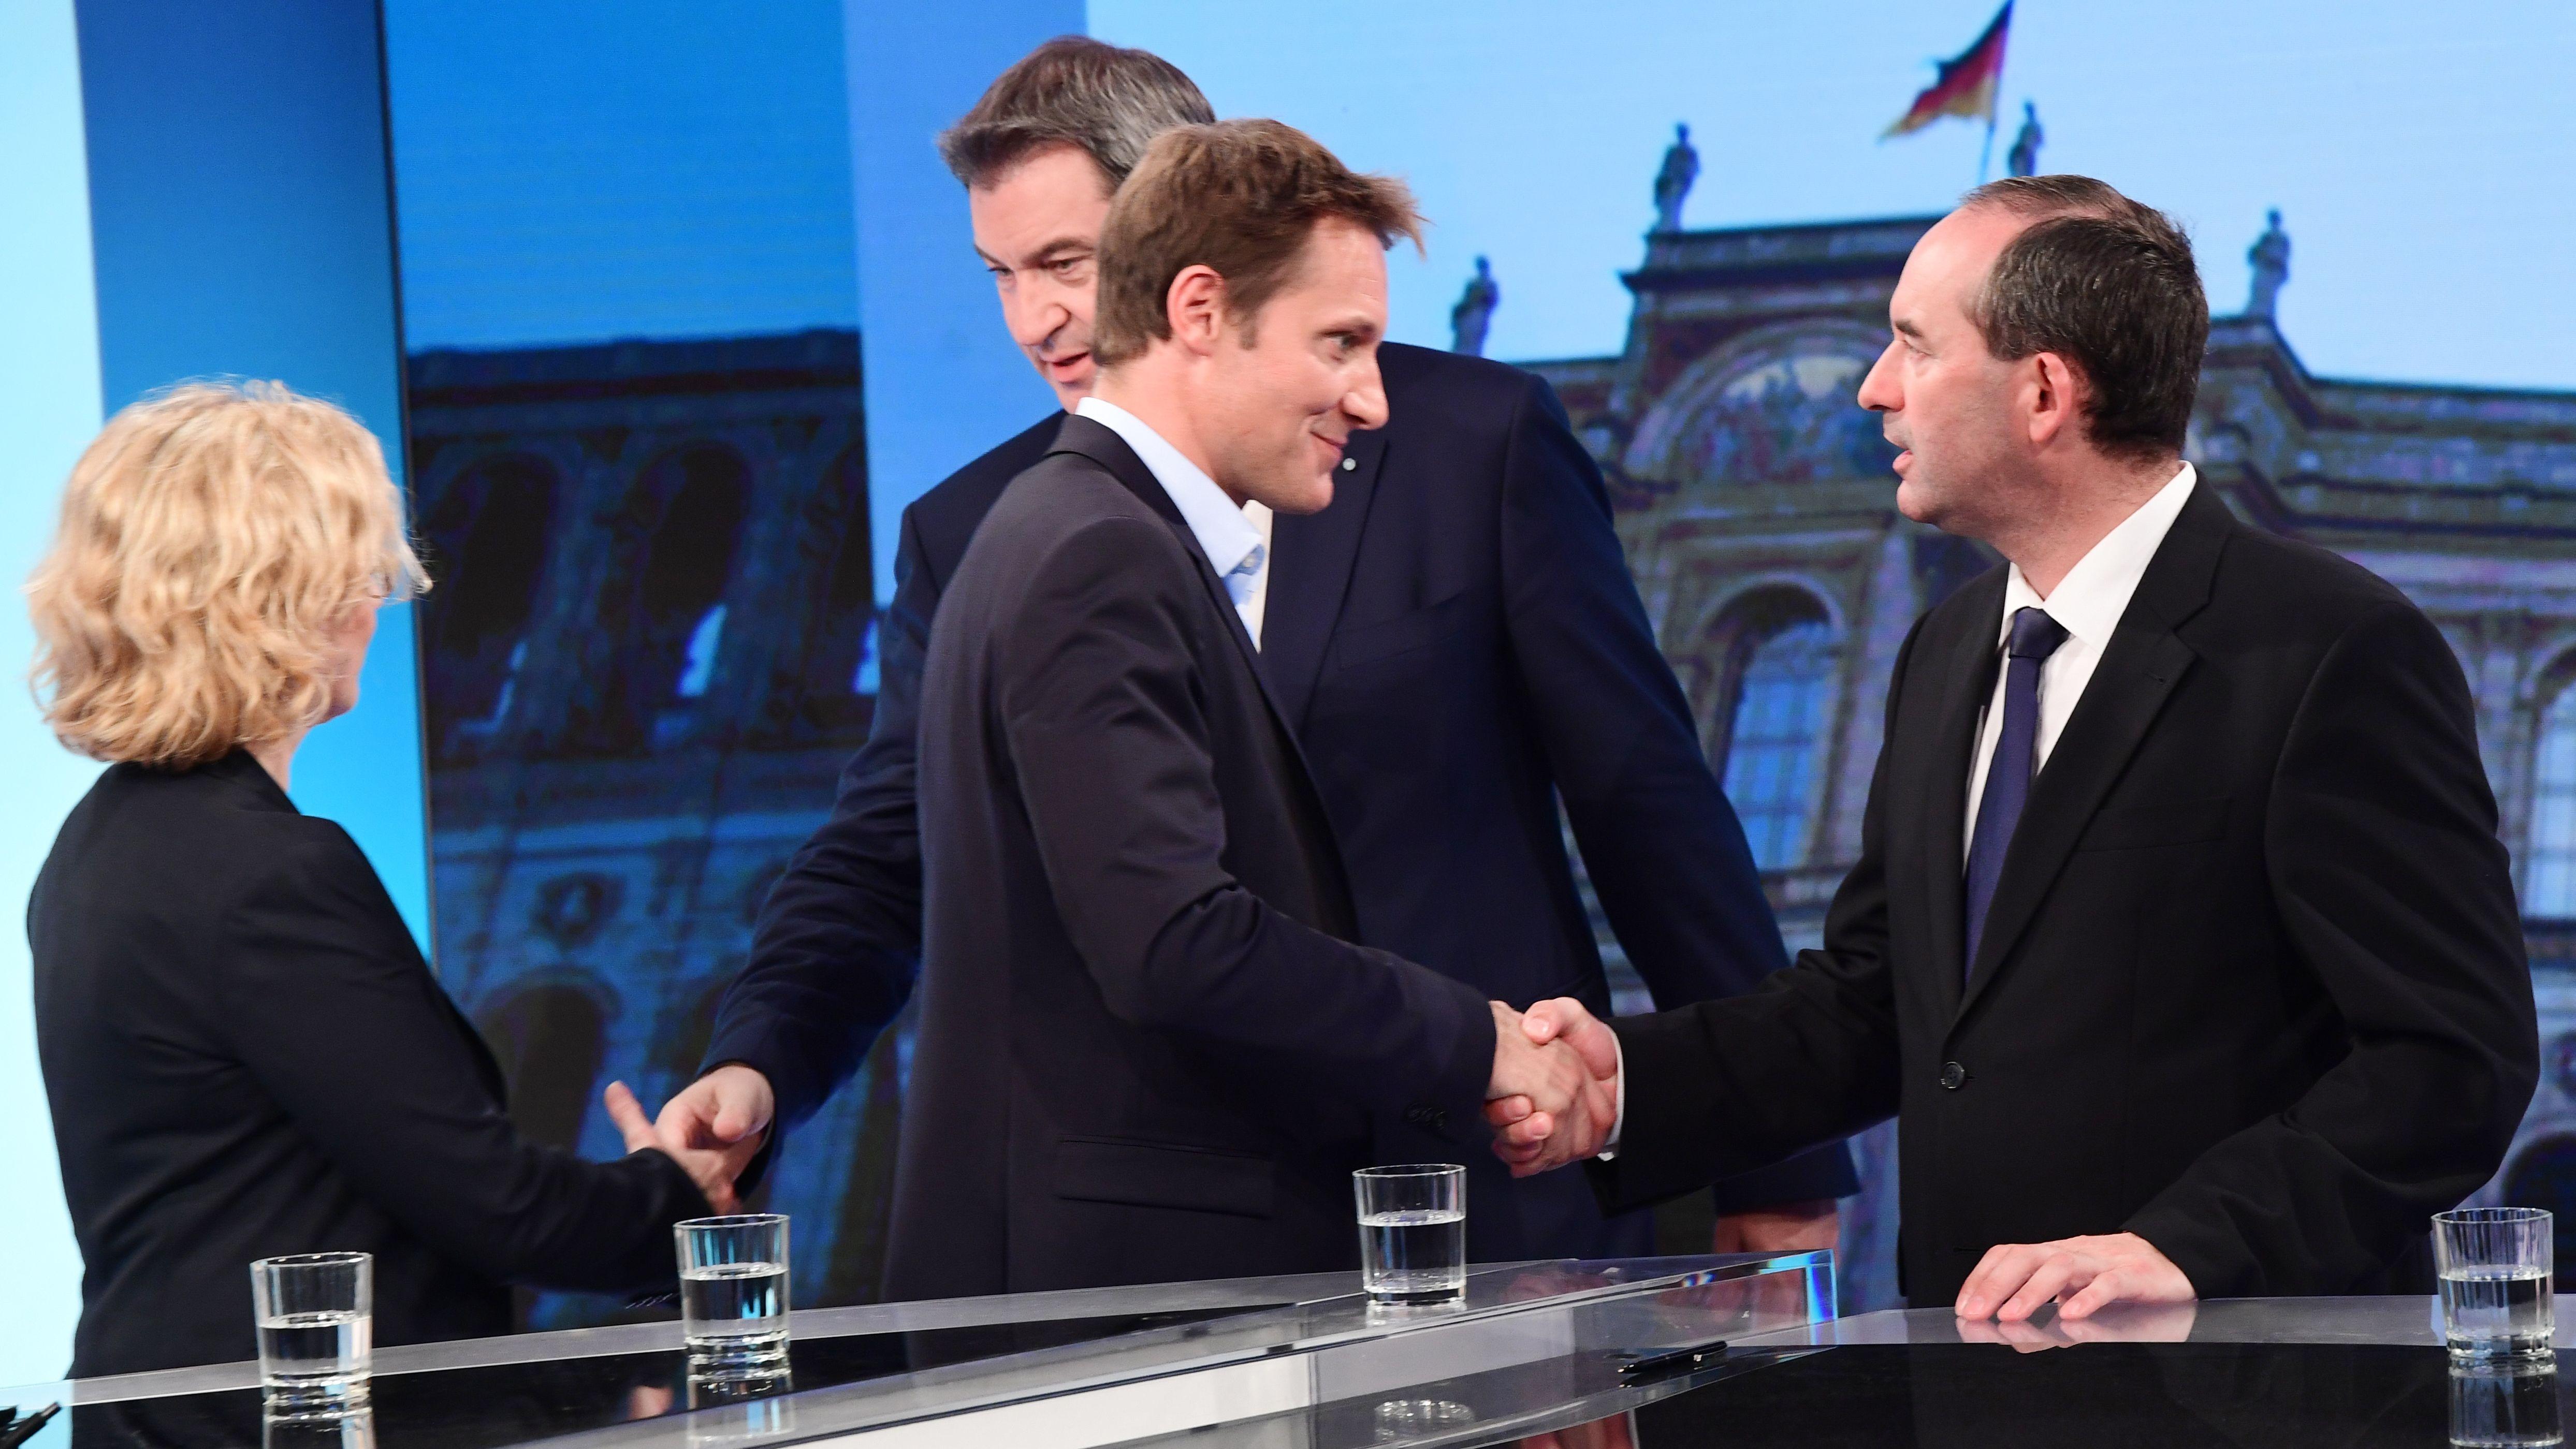 Archivbild: SPD-Landeschefin Kohnen, Ministerpräsident Söder, Grünen-Fraktionschef Hartmann und Freie-Wähler-Chef Aiwanger